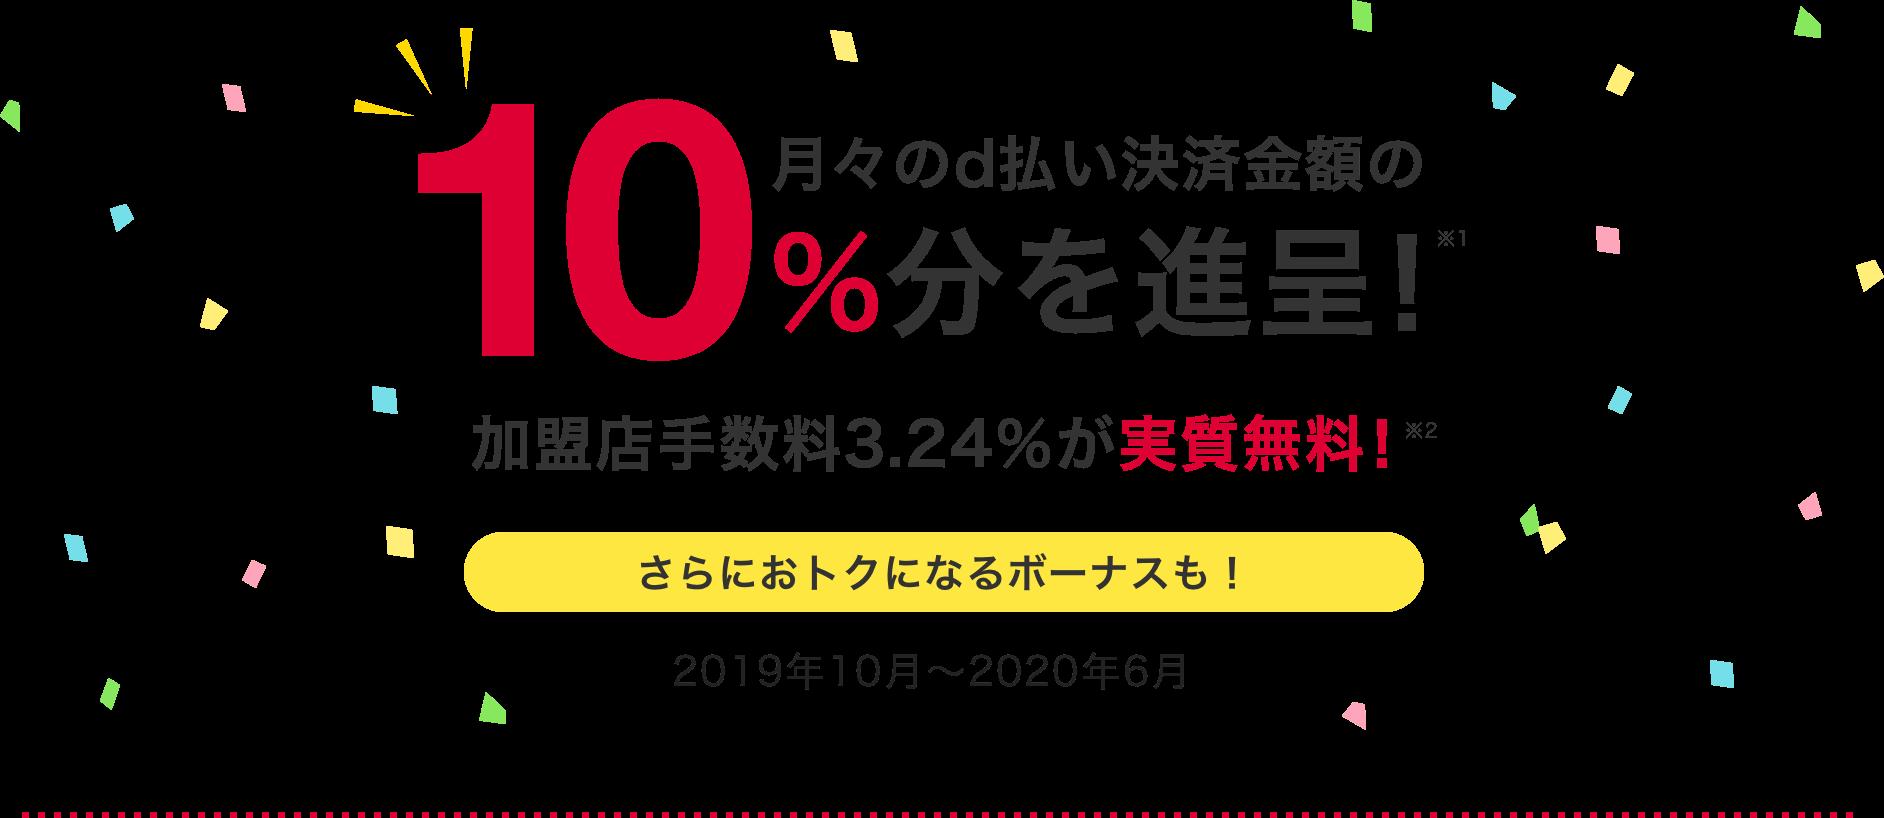 10%キャンペーン